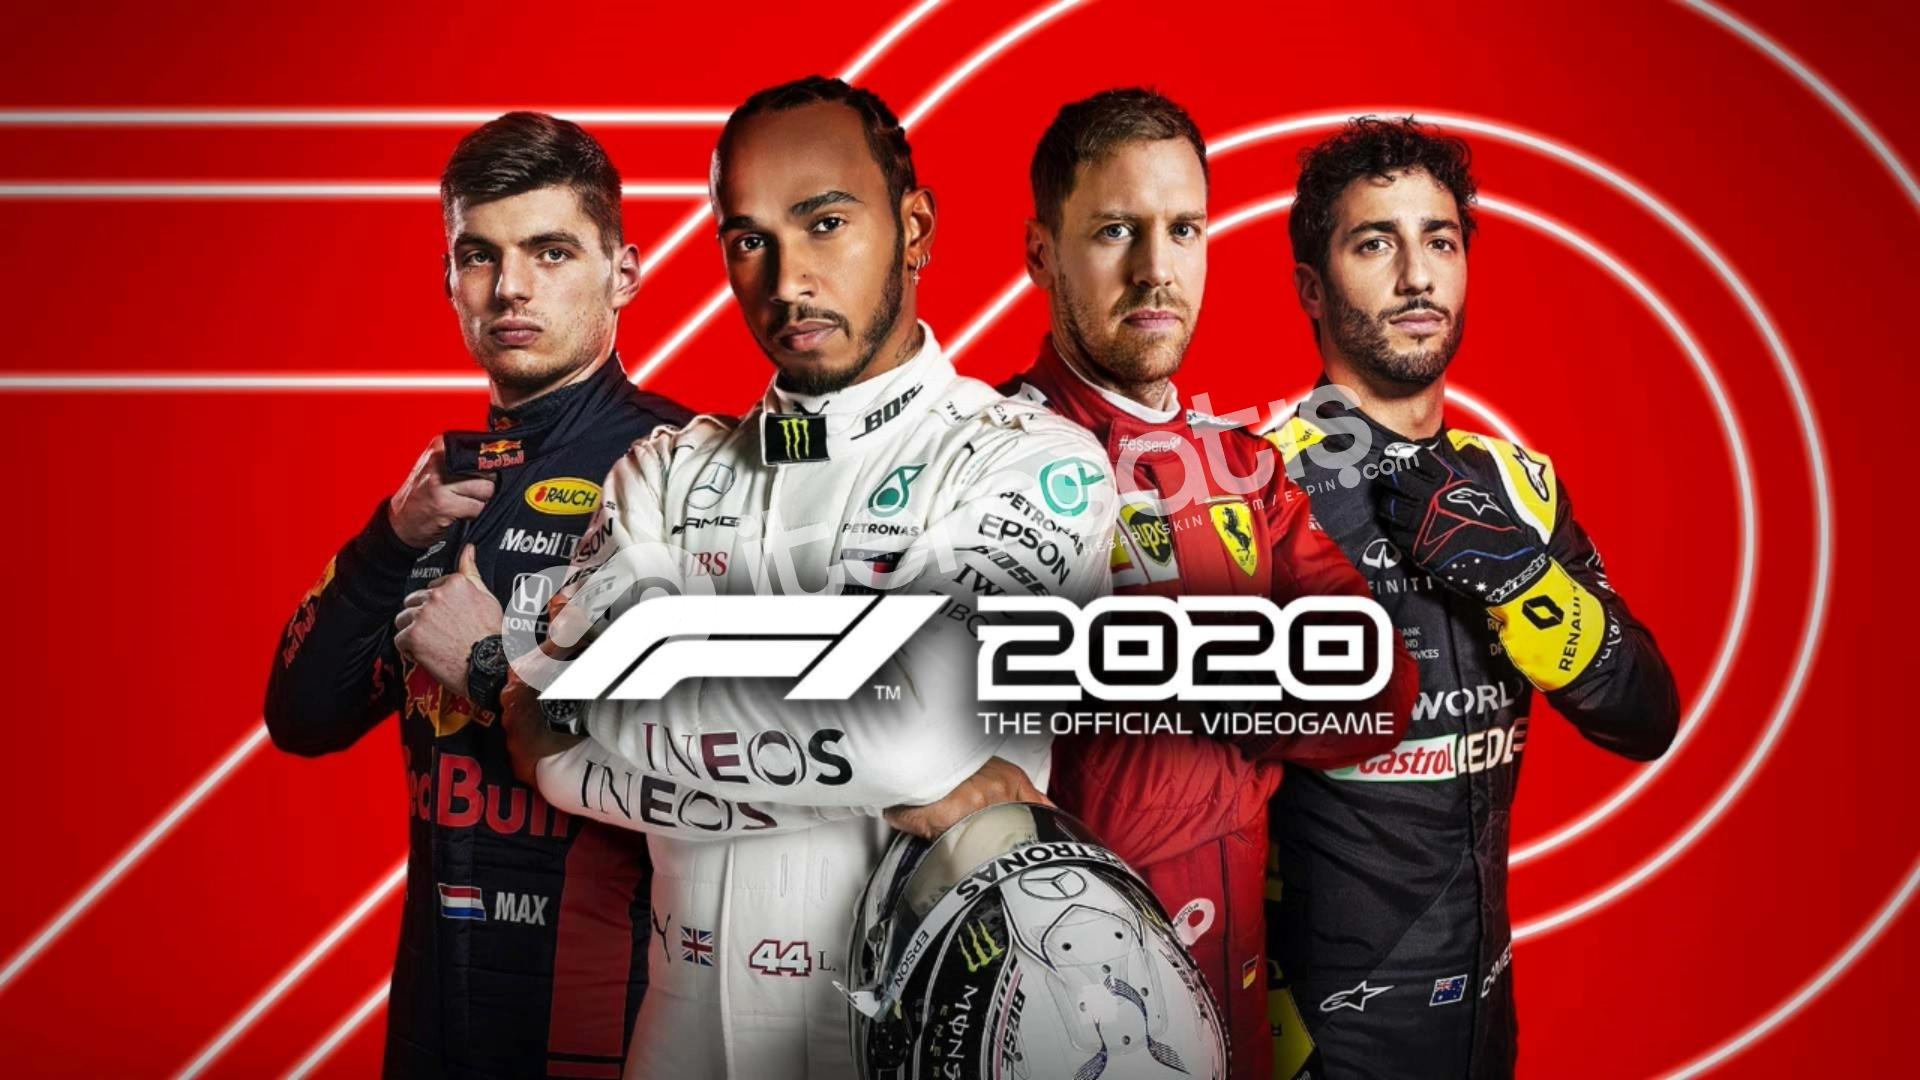 F1 2020 + GARANTİ + DESTEK + GEFORCENOW DESTEKLER